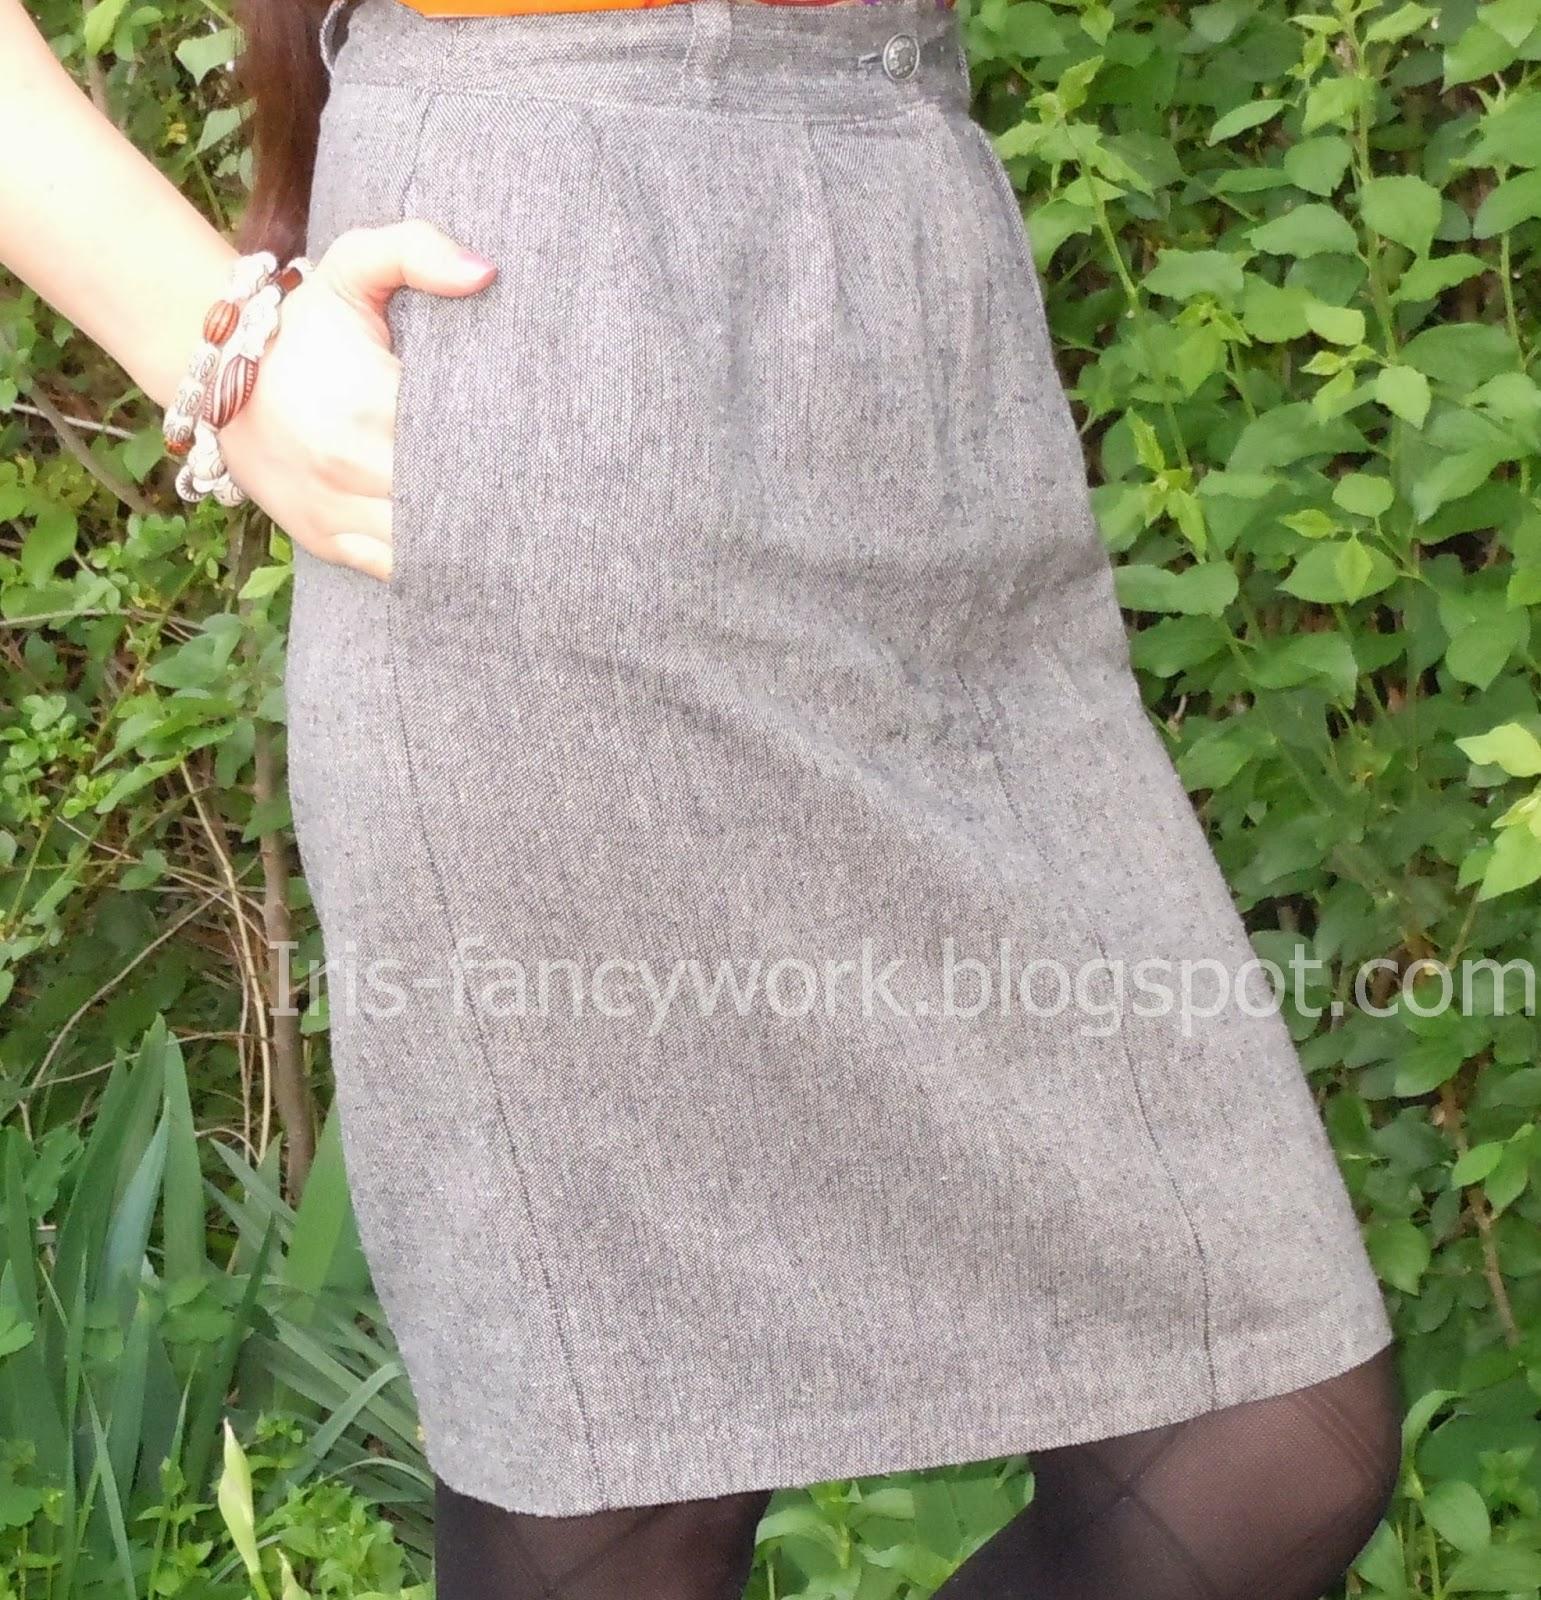 Шьем юбки своими руками. Длинная юбка или юбка-мини, юбка 70